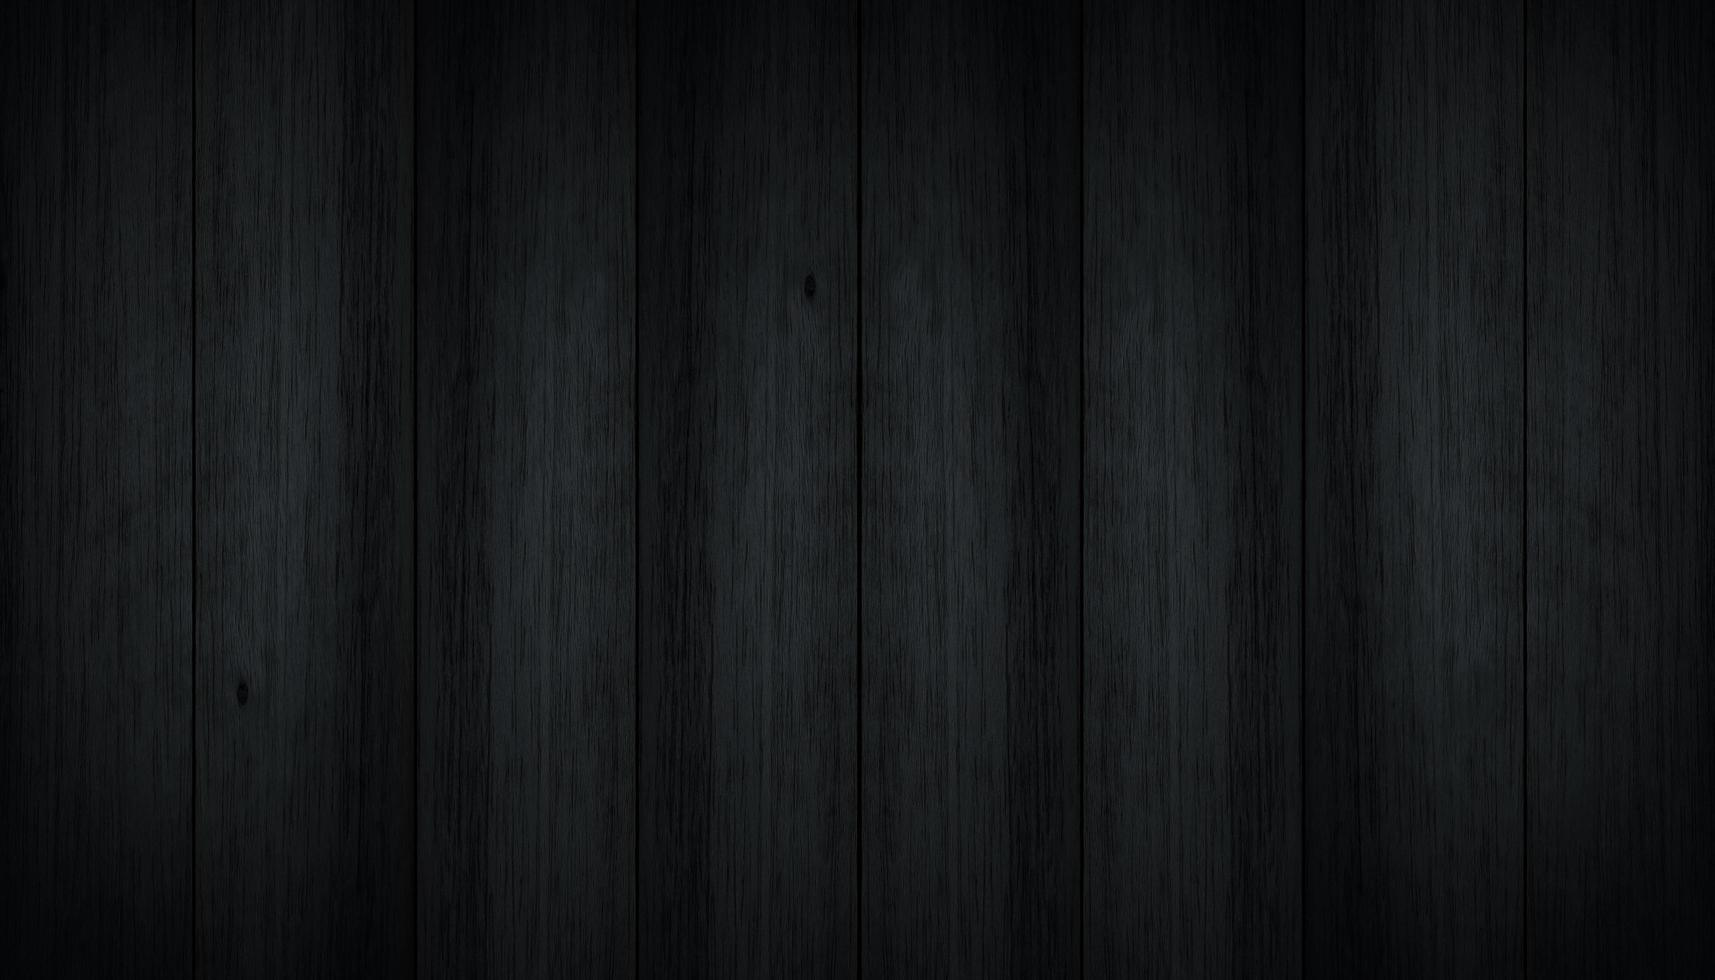 zwarte doek achtergrond foto